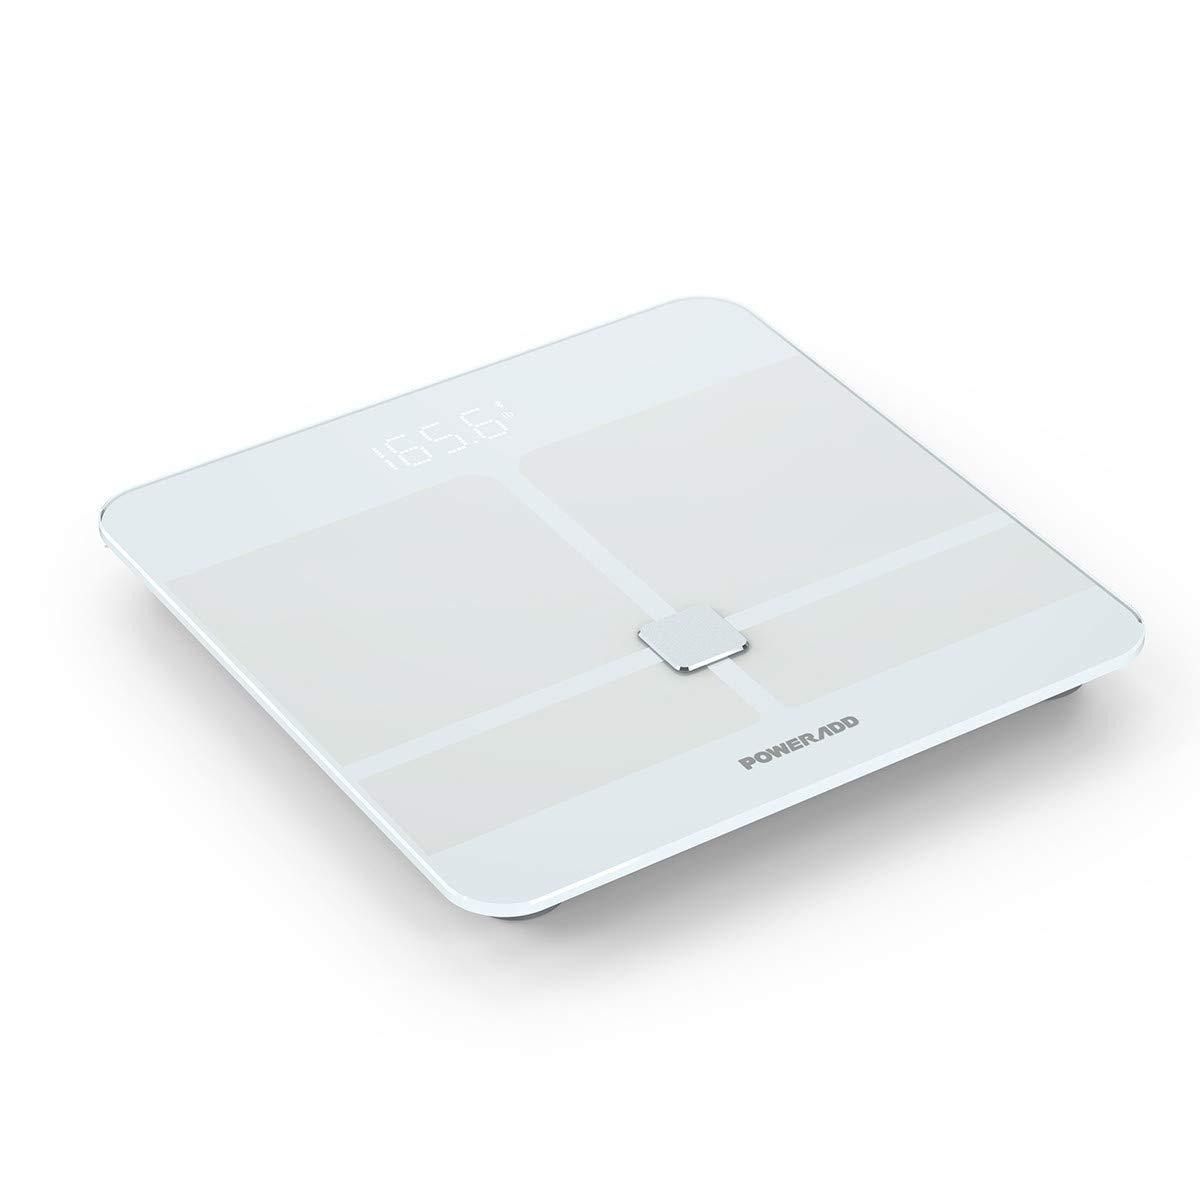 Poweradd Pèse Personne Impédancemètre, Balance corporelle Bluetooth Haute Précision Mesure du Poids, Graisse, Masse Musculaire et Osseuse, Eau, Ecran Rétroéclairé pour iOS et Android, etc.